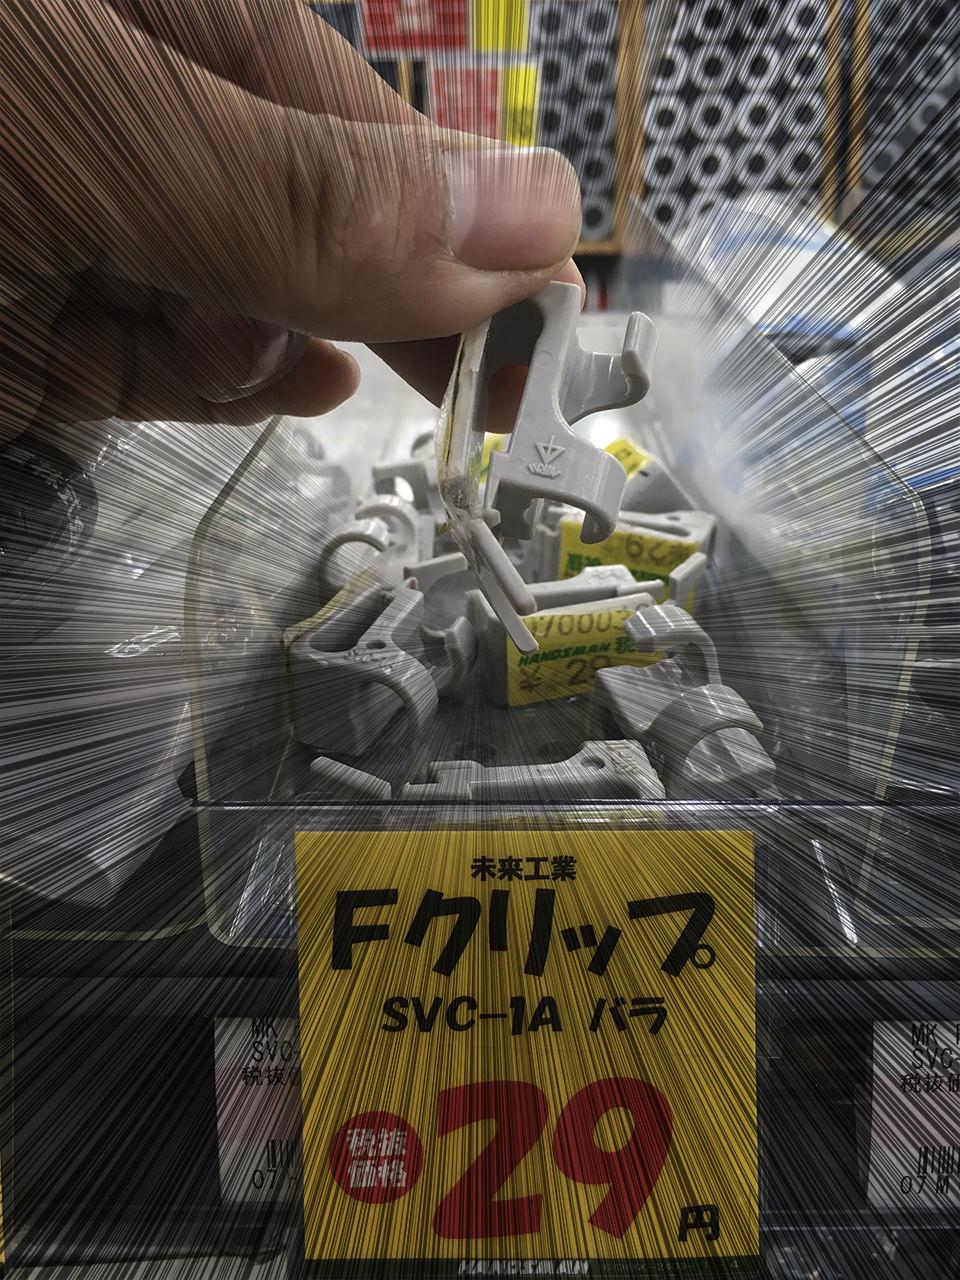 29円でApple Pencil ホルダーを自作する